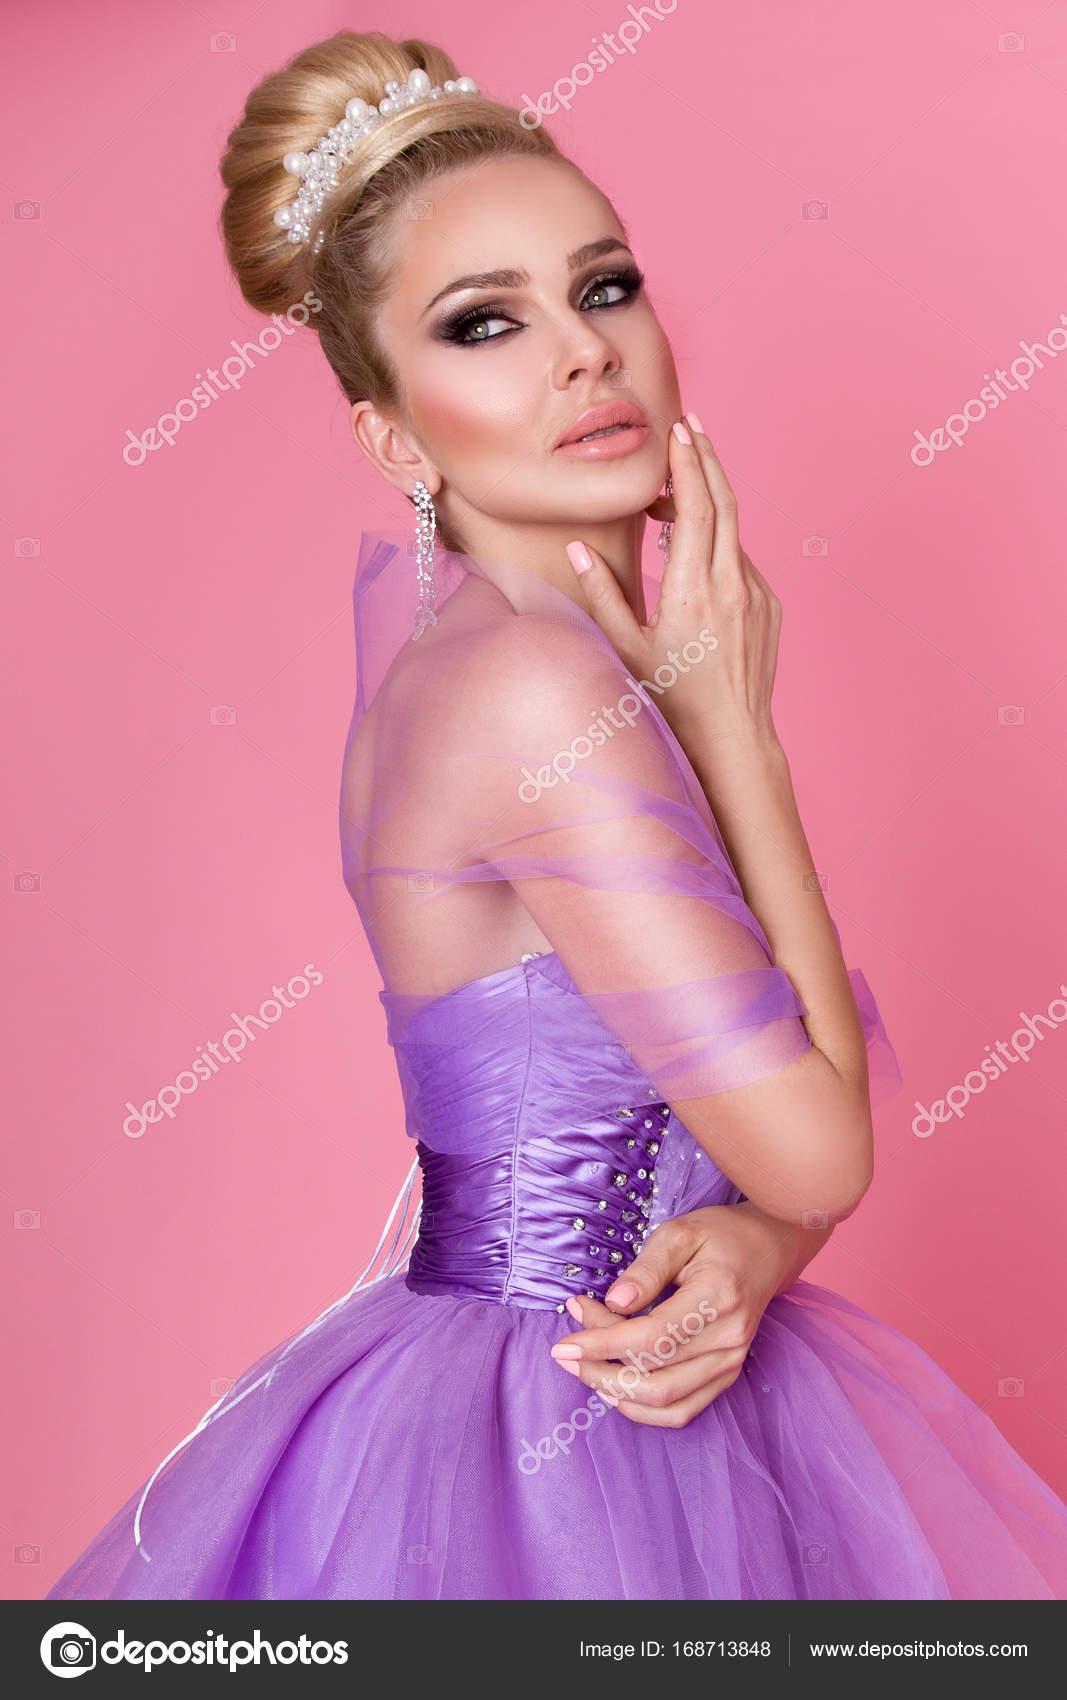 Retrato de una mujer joven hermosa, princesa, bailarina elegante ...